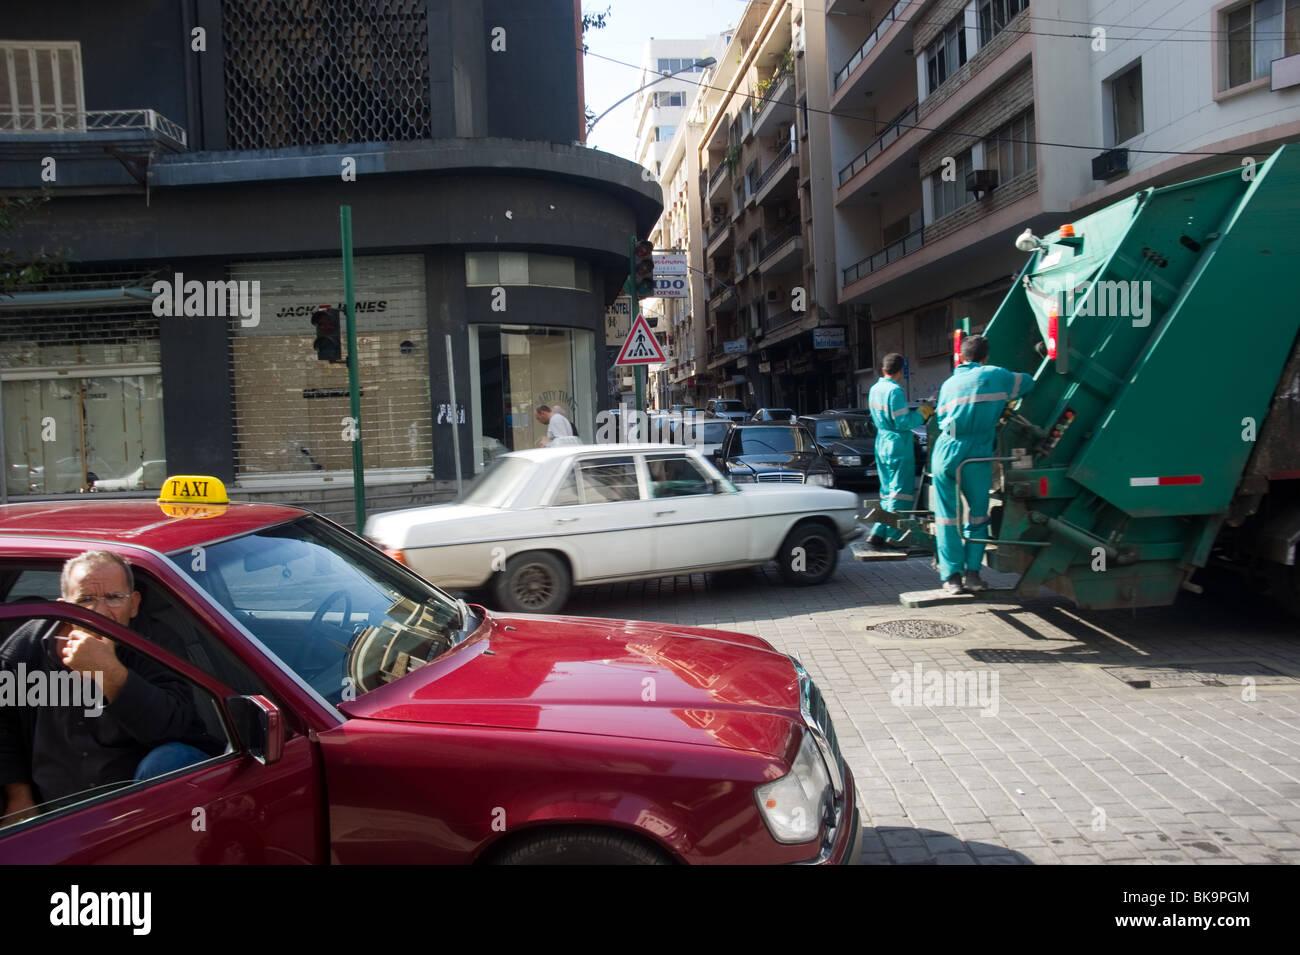 morning day at Hamra street Lebanon - Stock Image